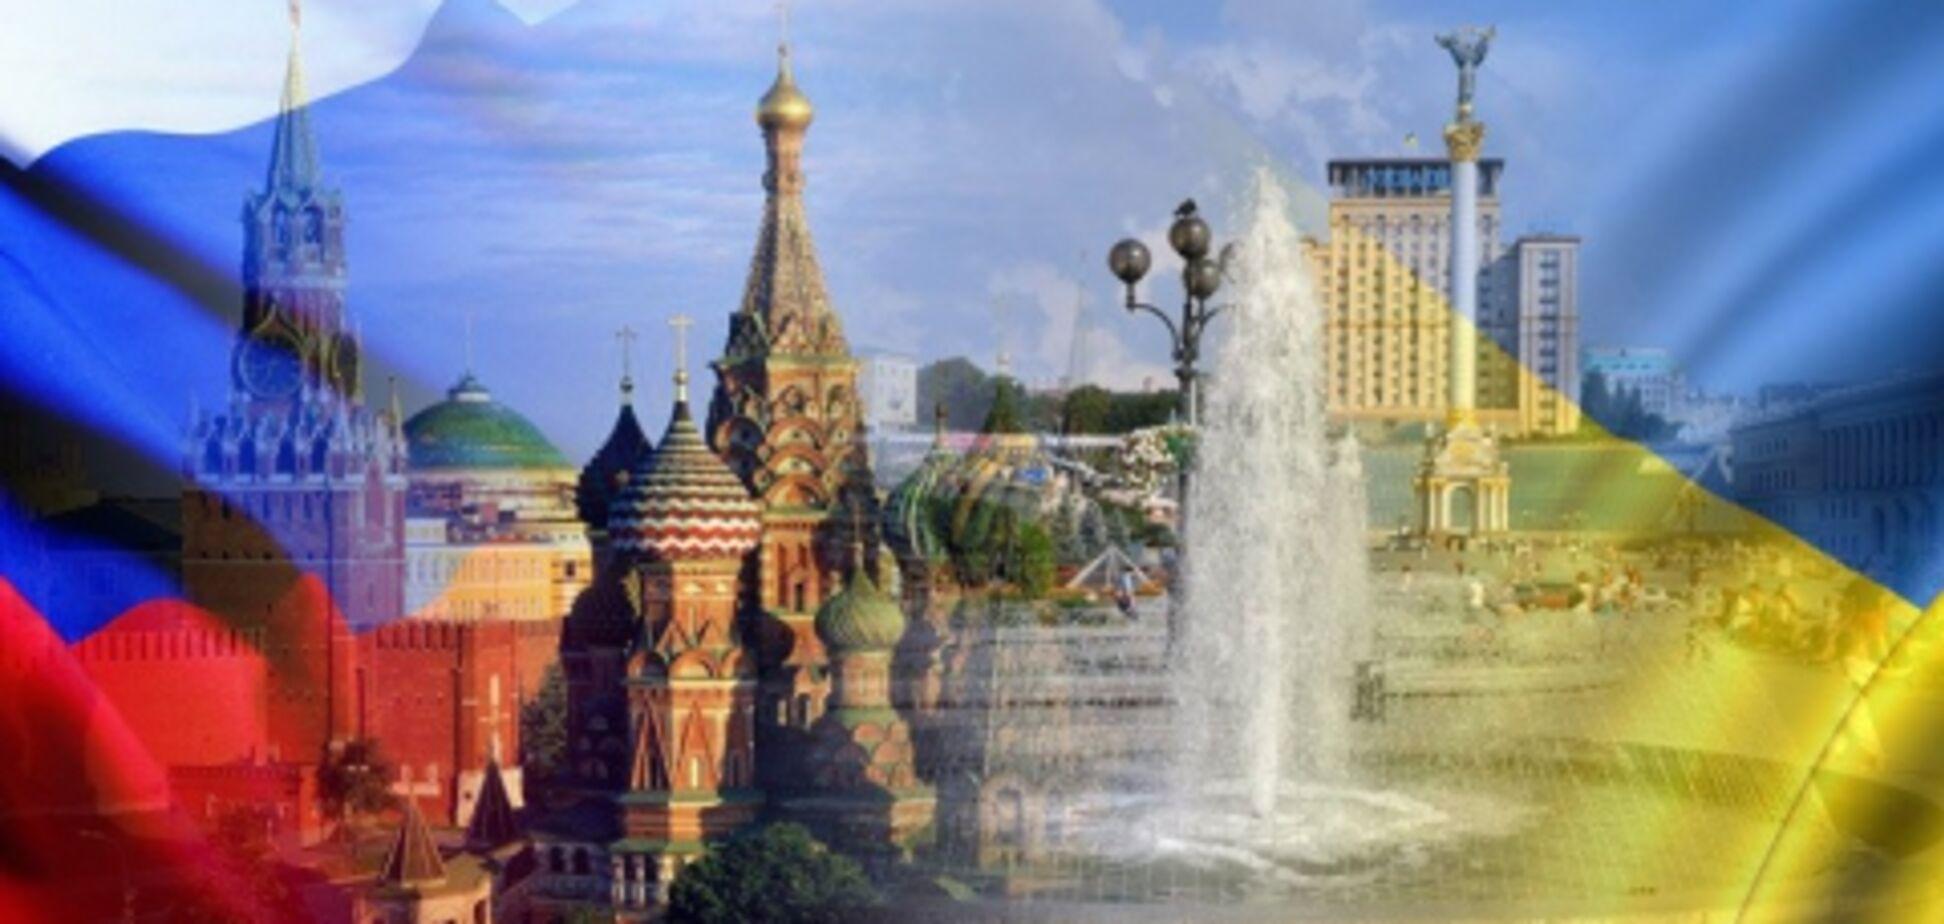 Разрыв дипотношений с Россией: отбрасываем эмоции и думаем стратегически